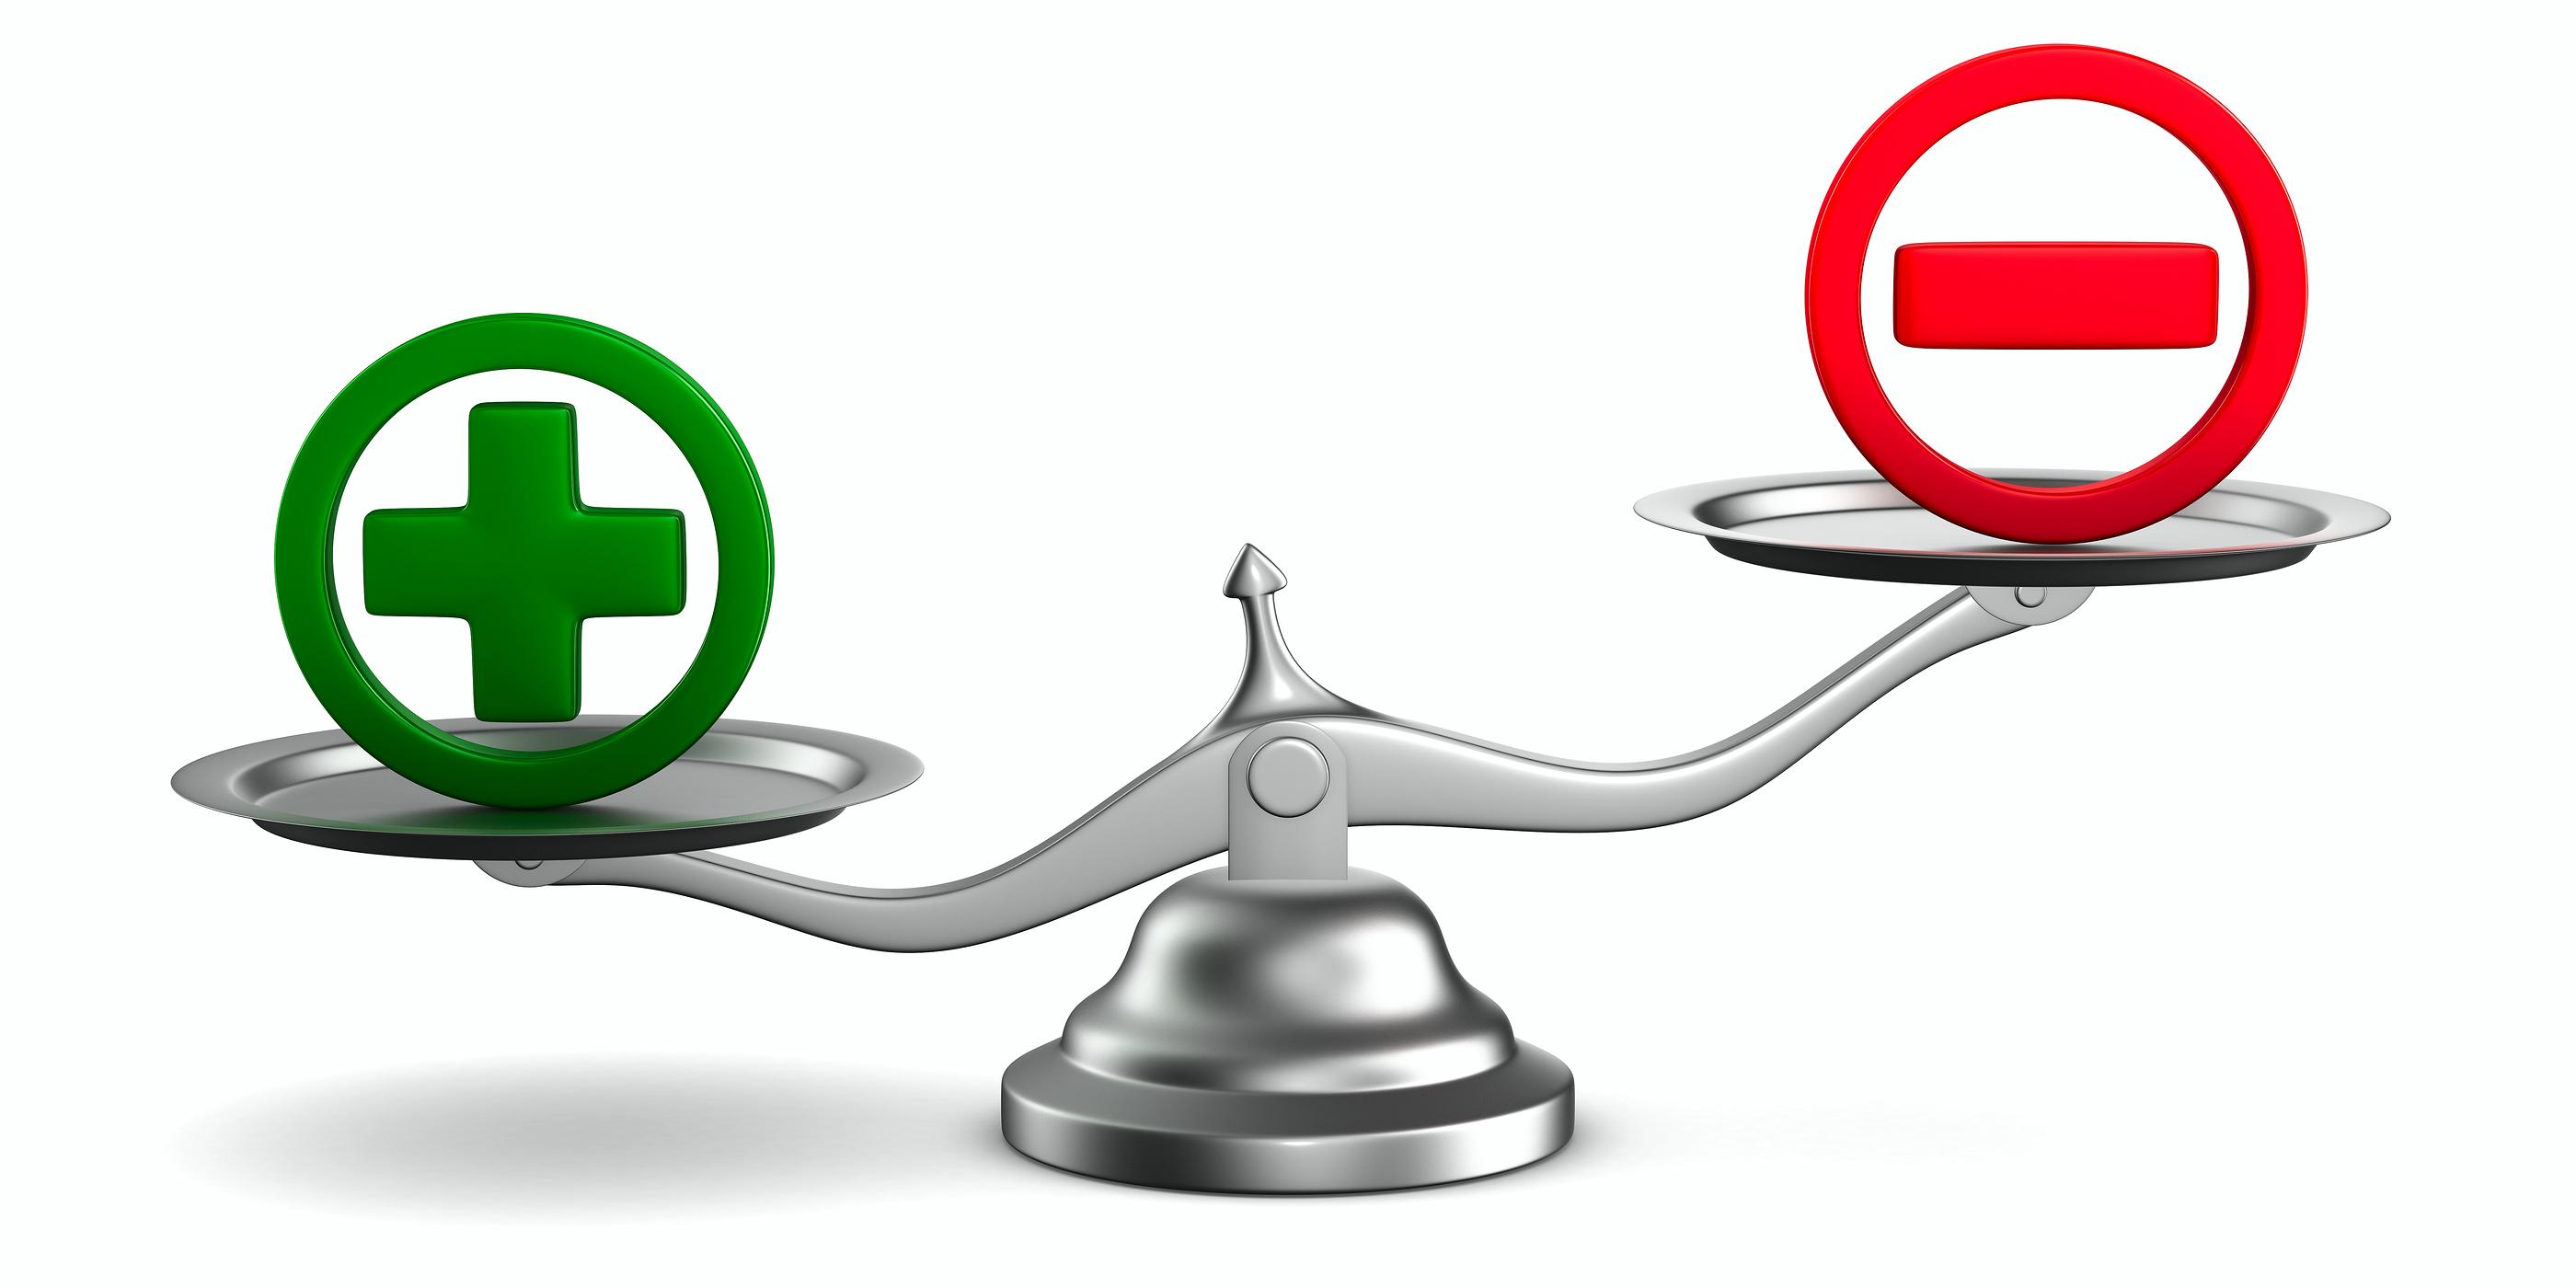 Balance of internal/external factors